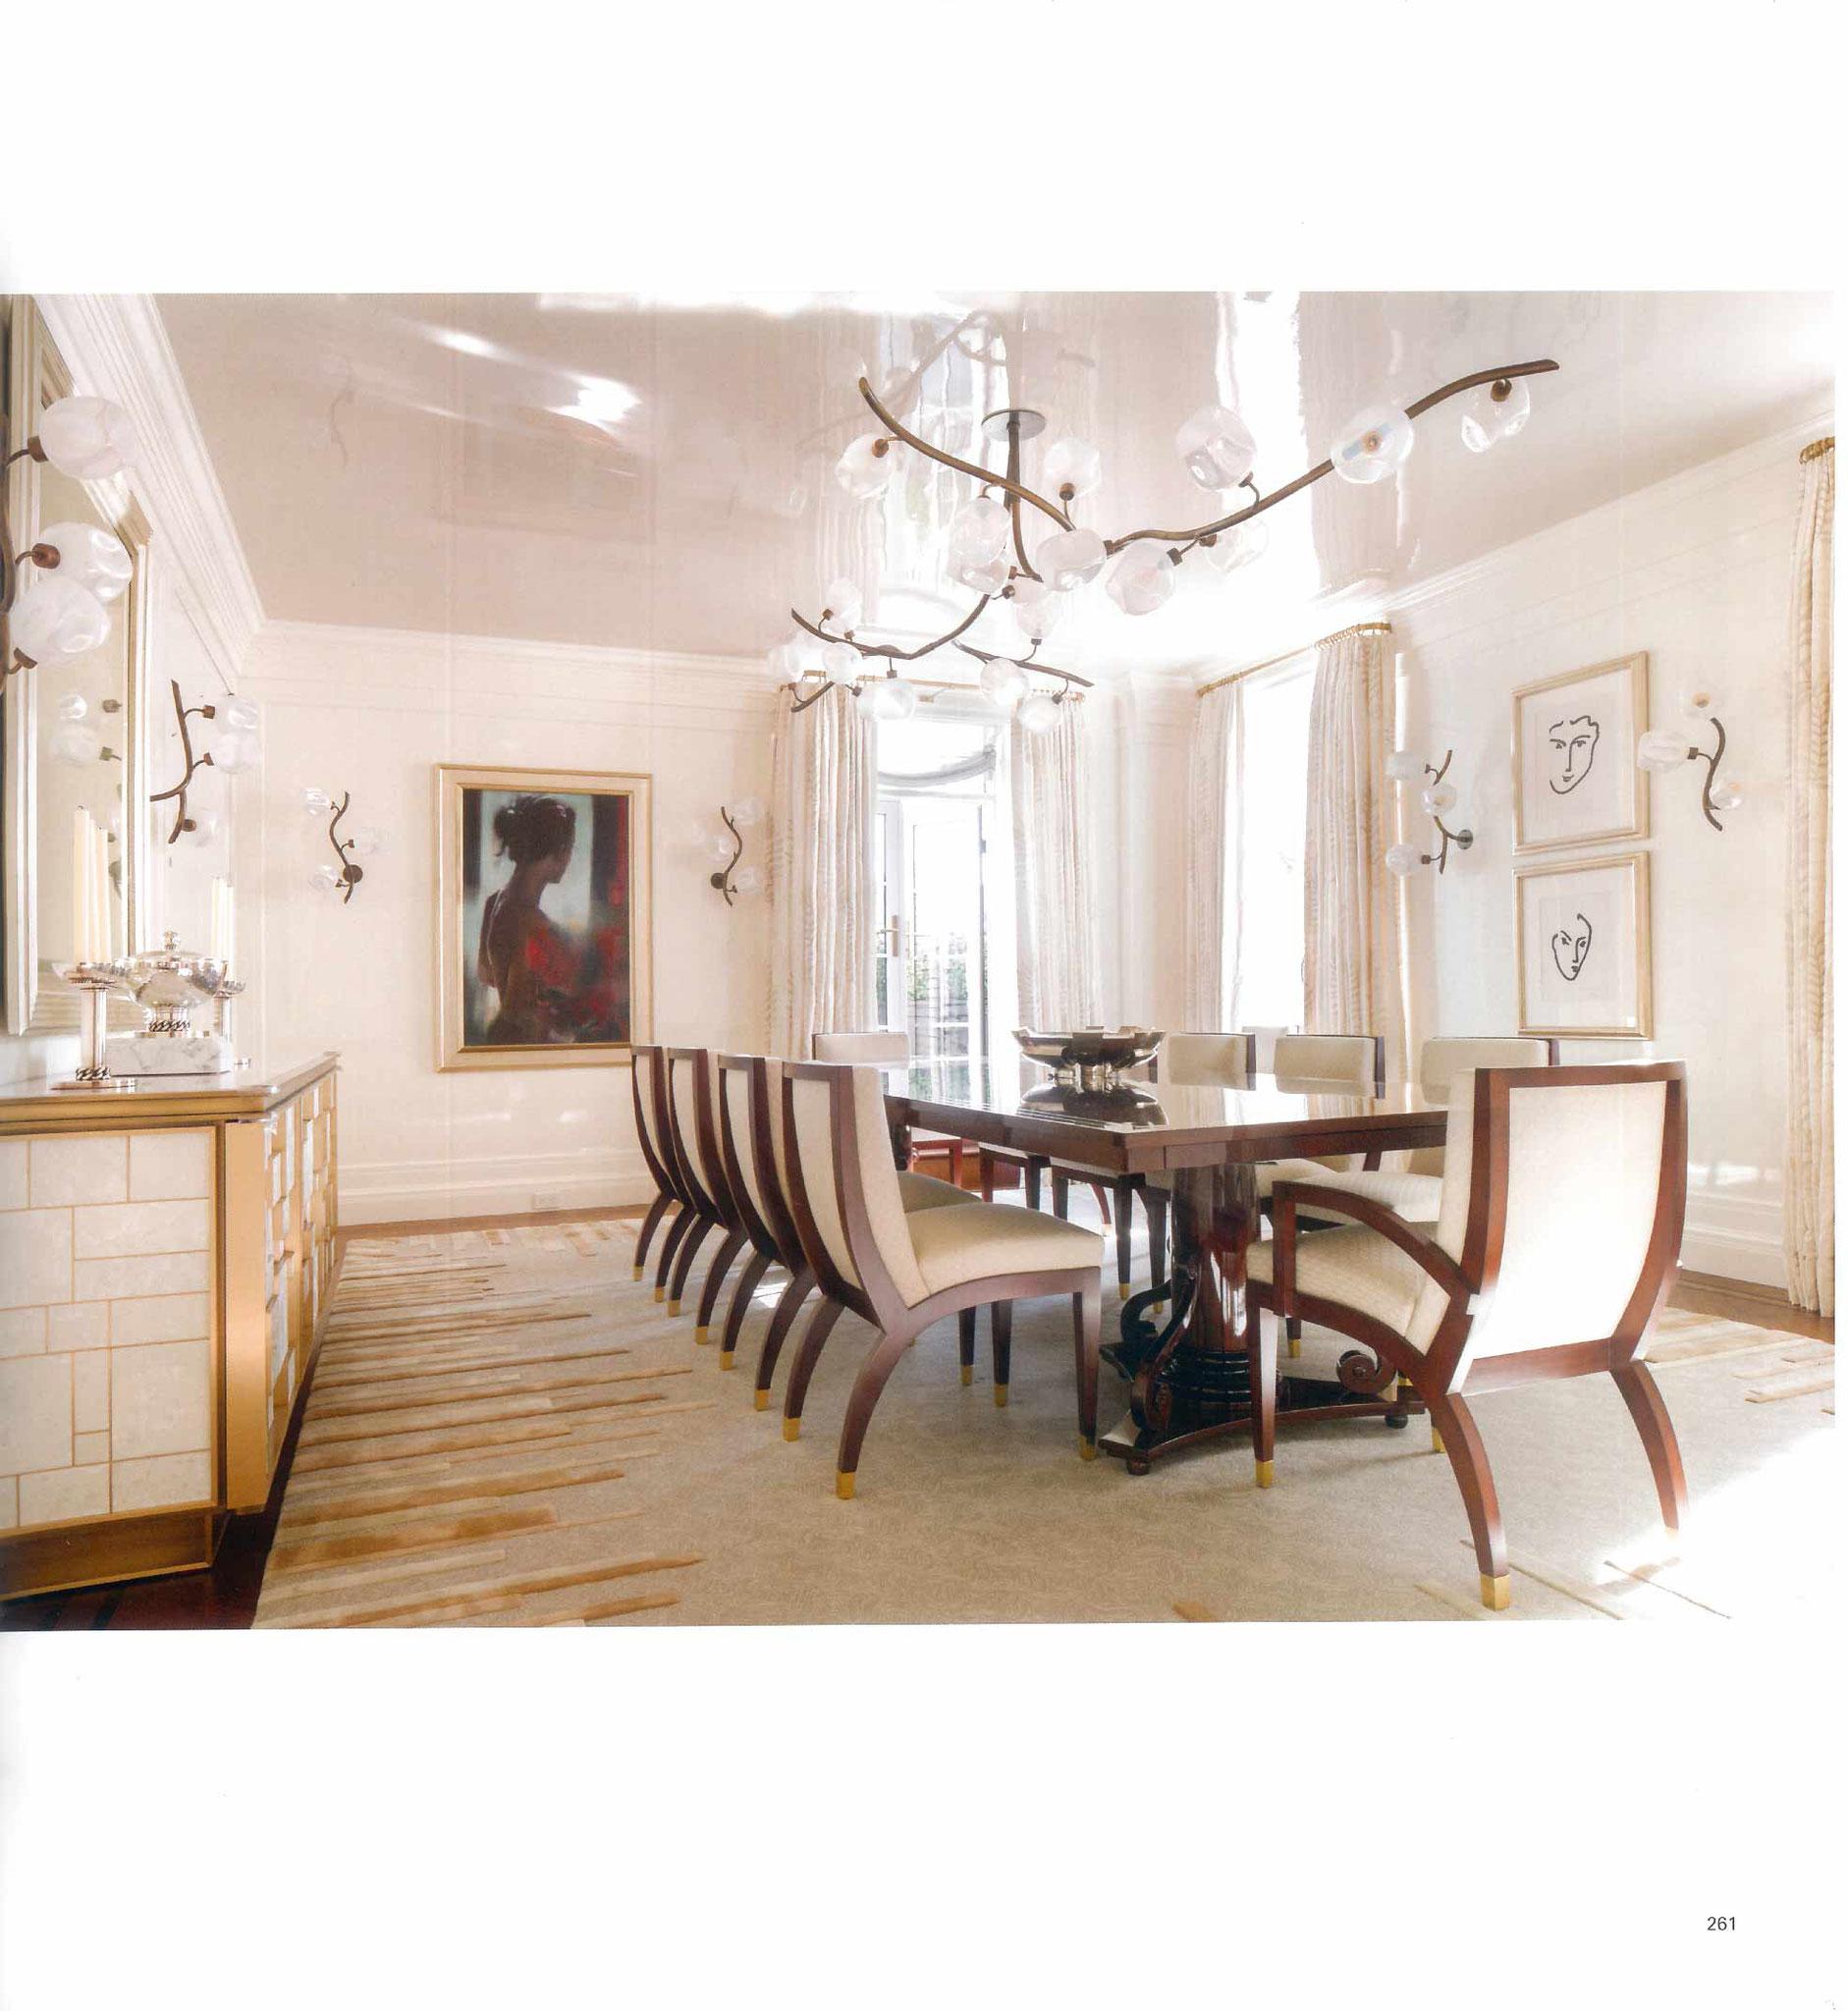 Noel Jeffrey Decades of Design